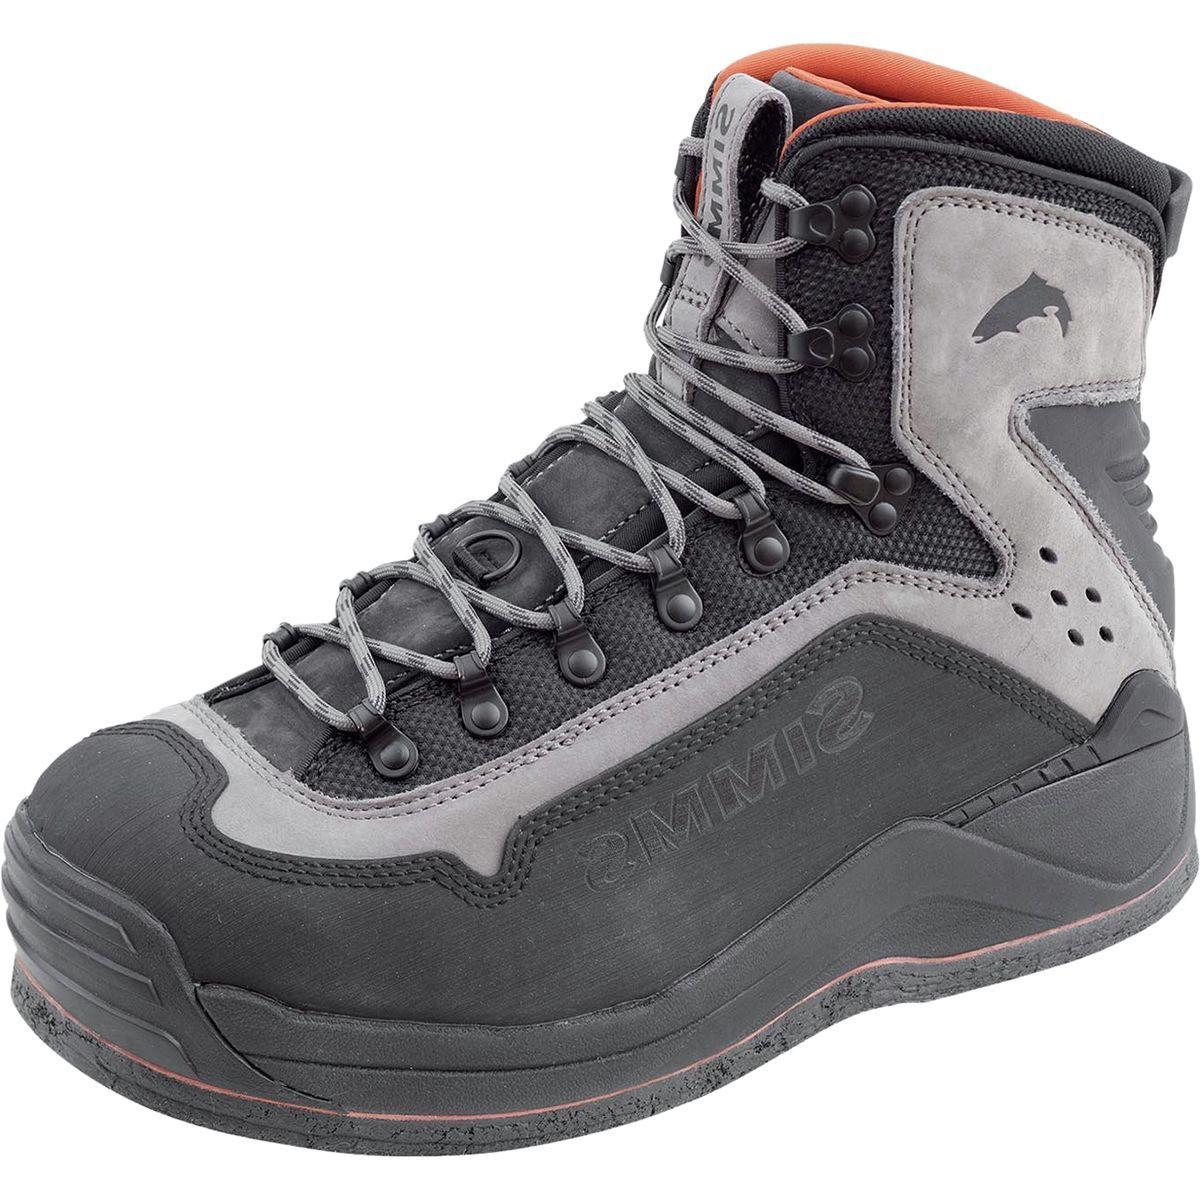 Simms G3 Guide Felt Boot - Men's